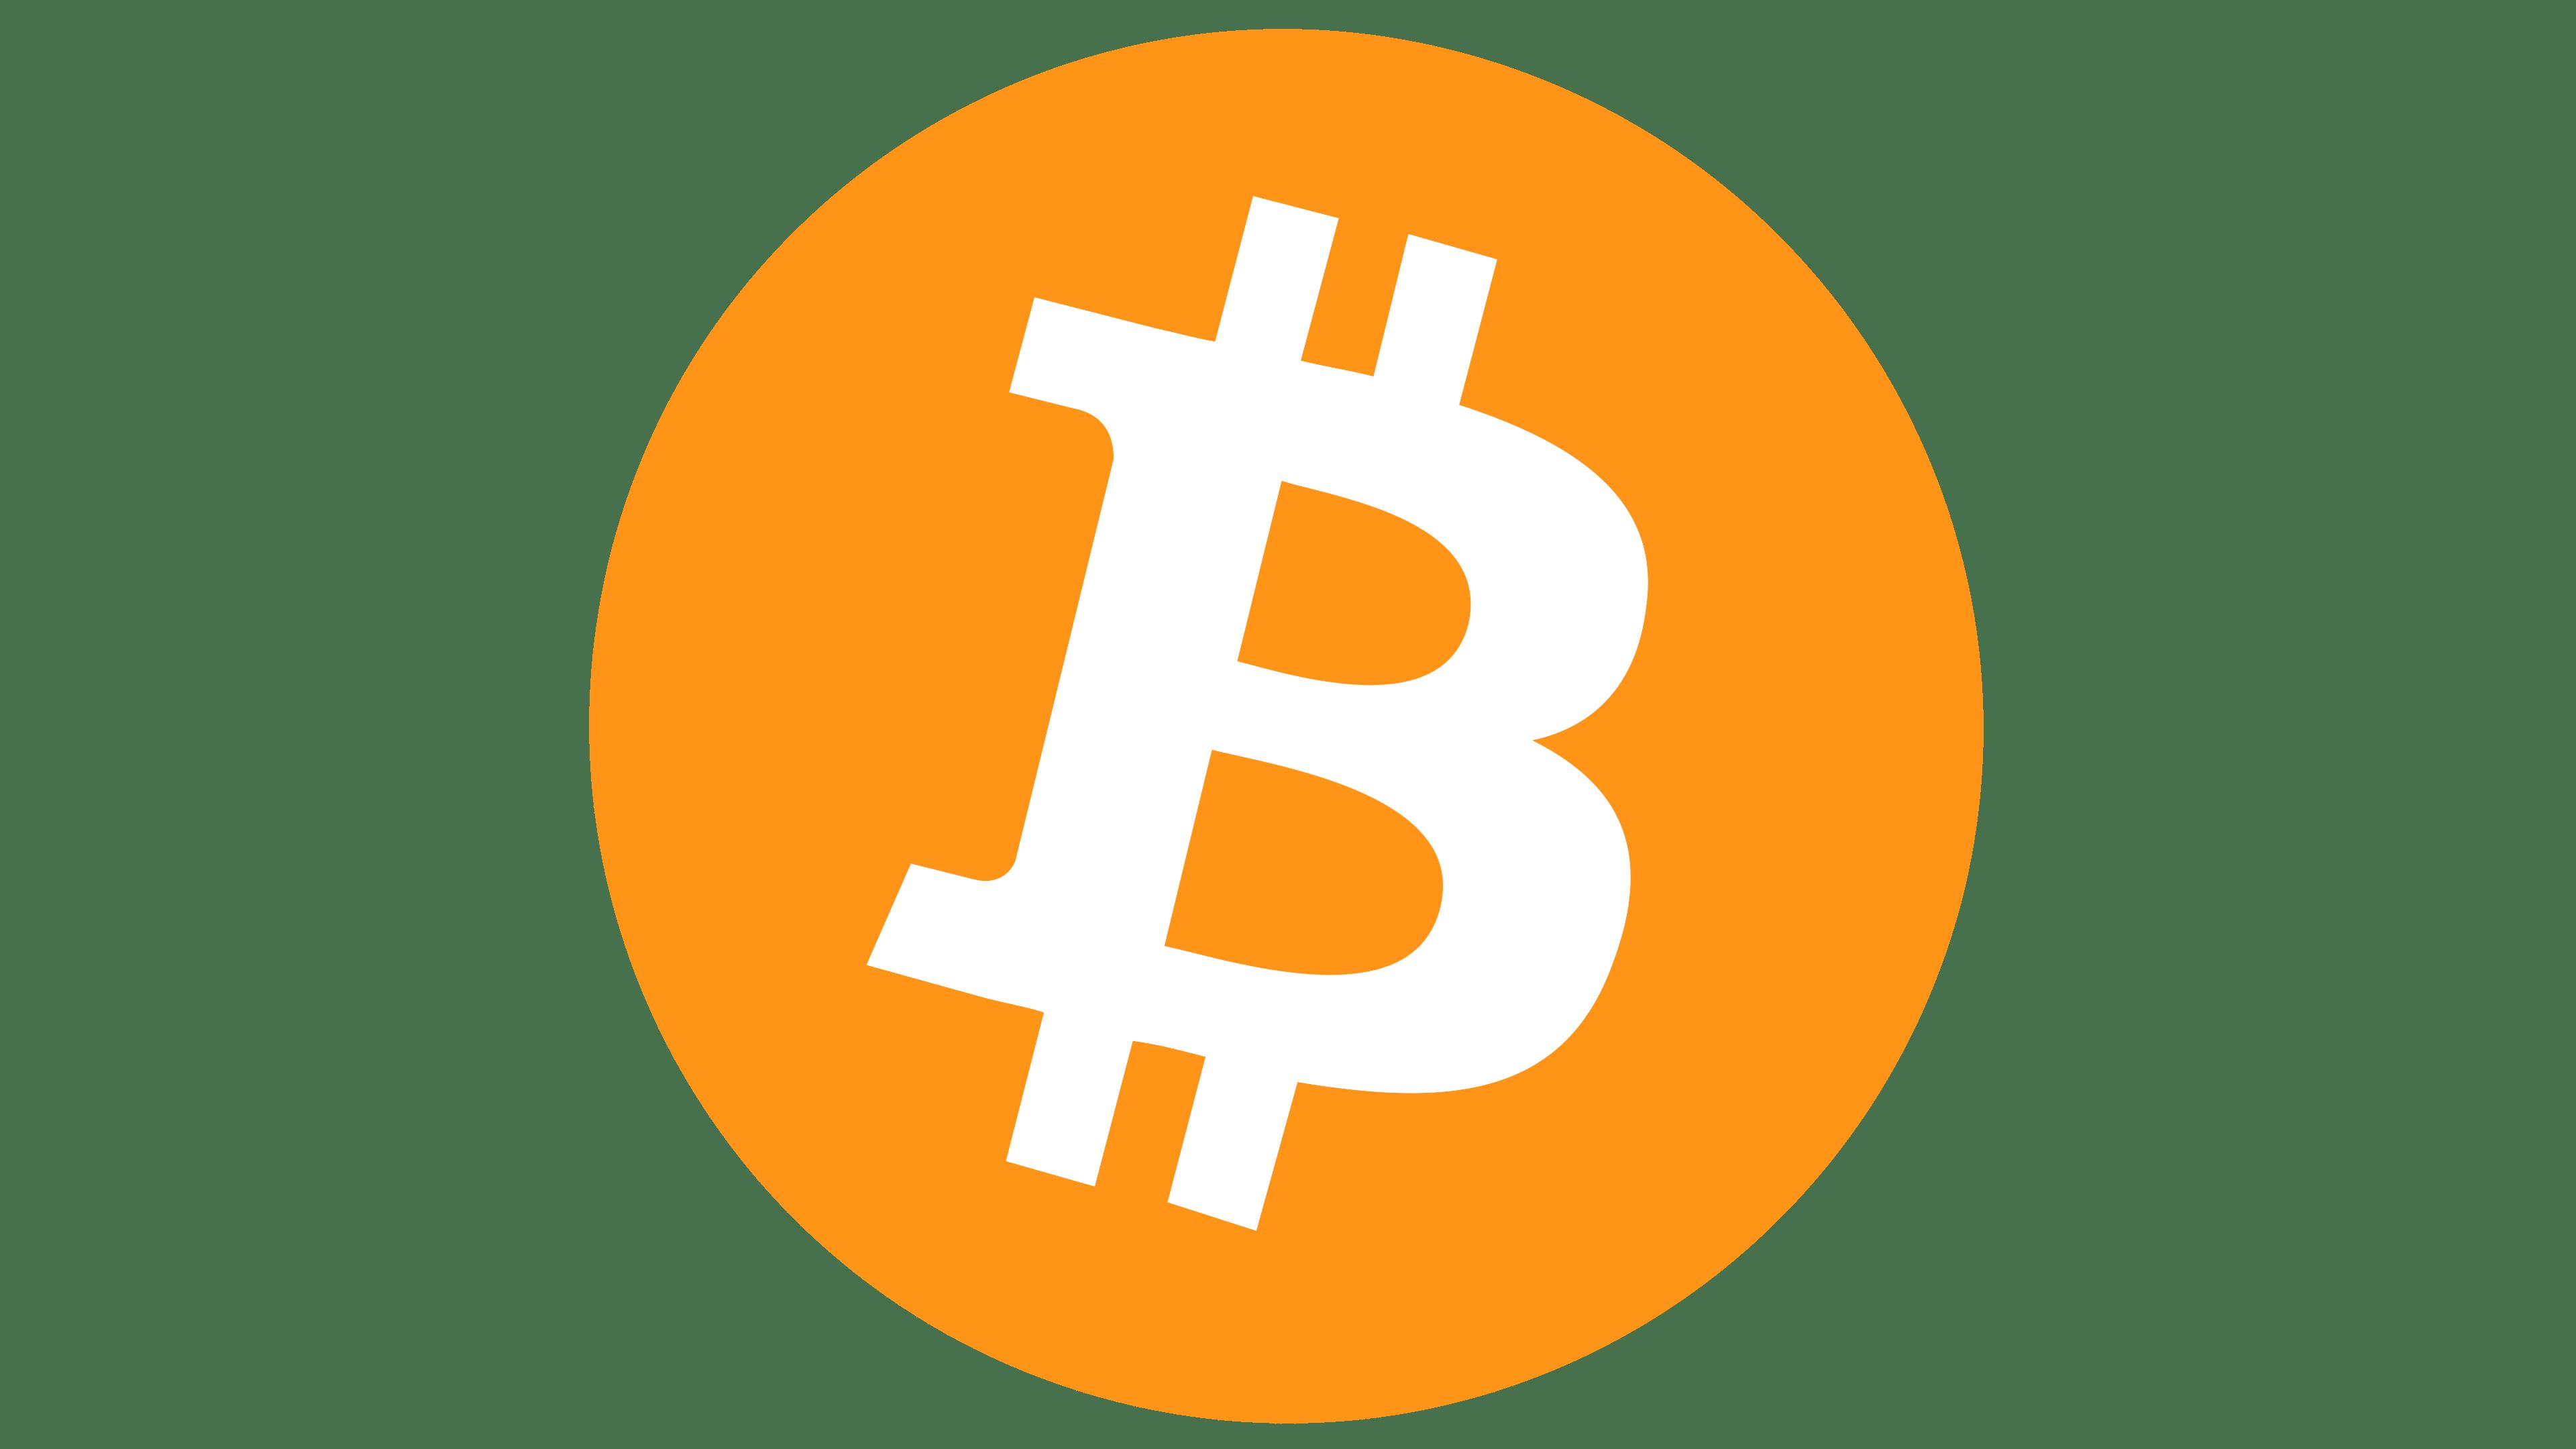 corretor de bitcoin da portugal melhor maneira de ganhar dinheiro em elite perigoso 2021